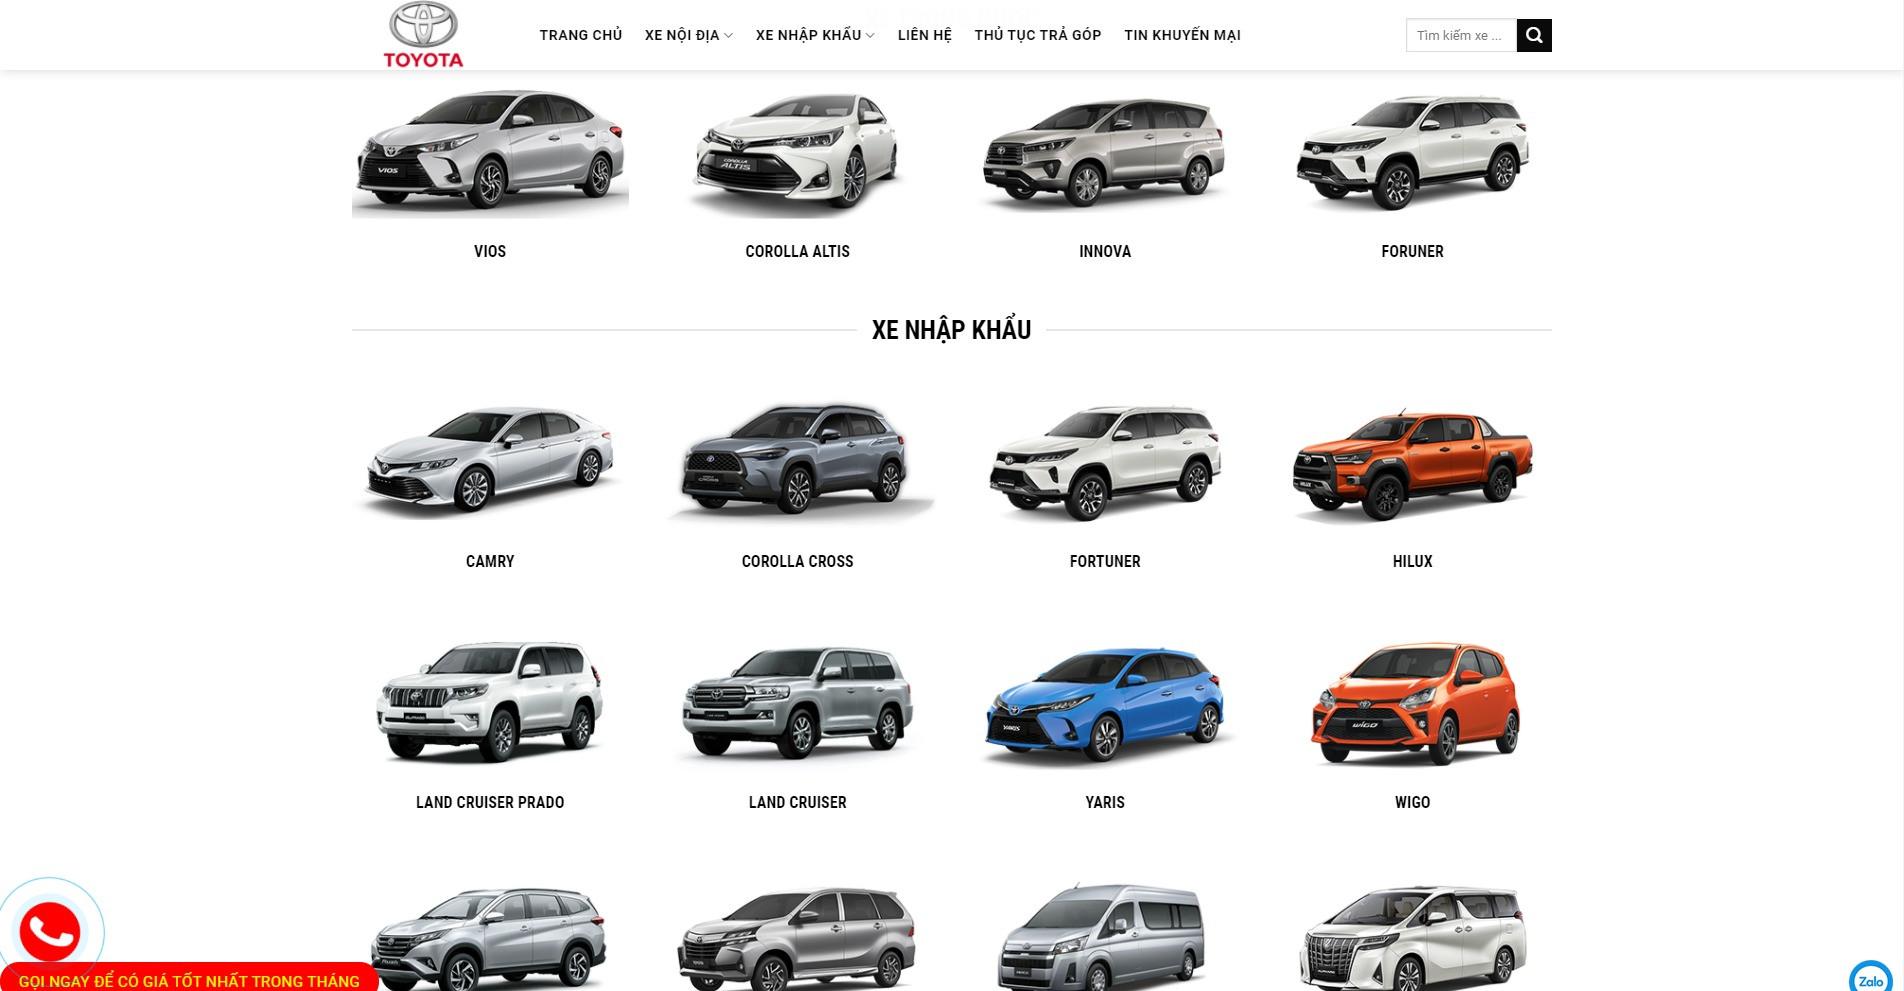 Trang chủ của Website ô tô Toyota Mỹ Đình